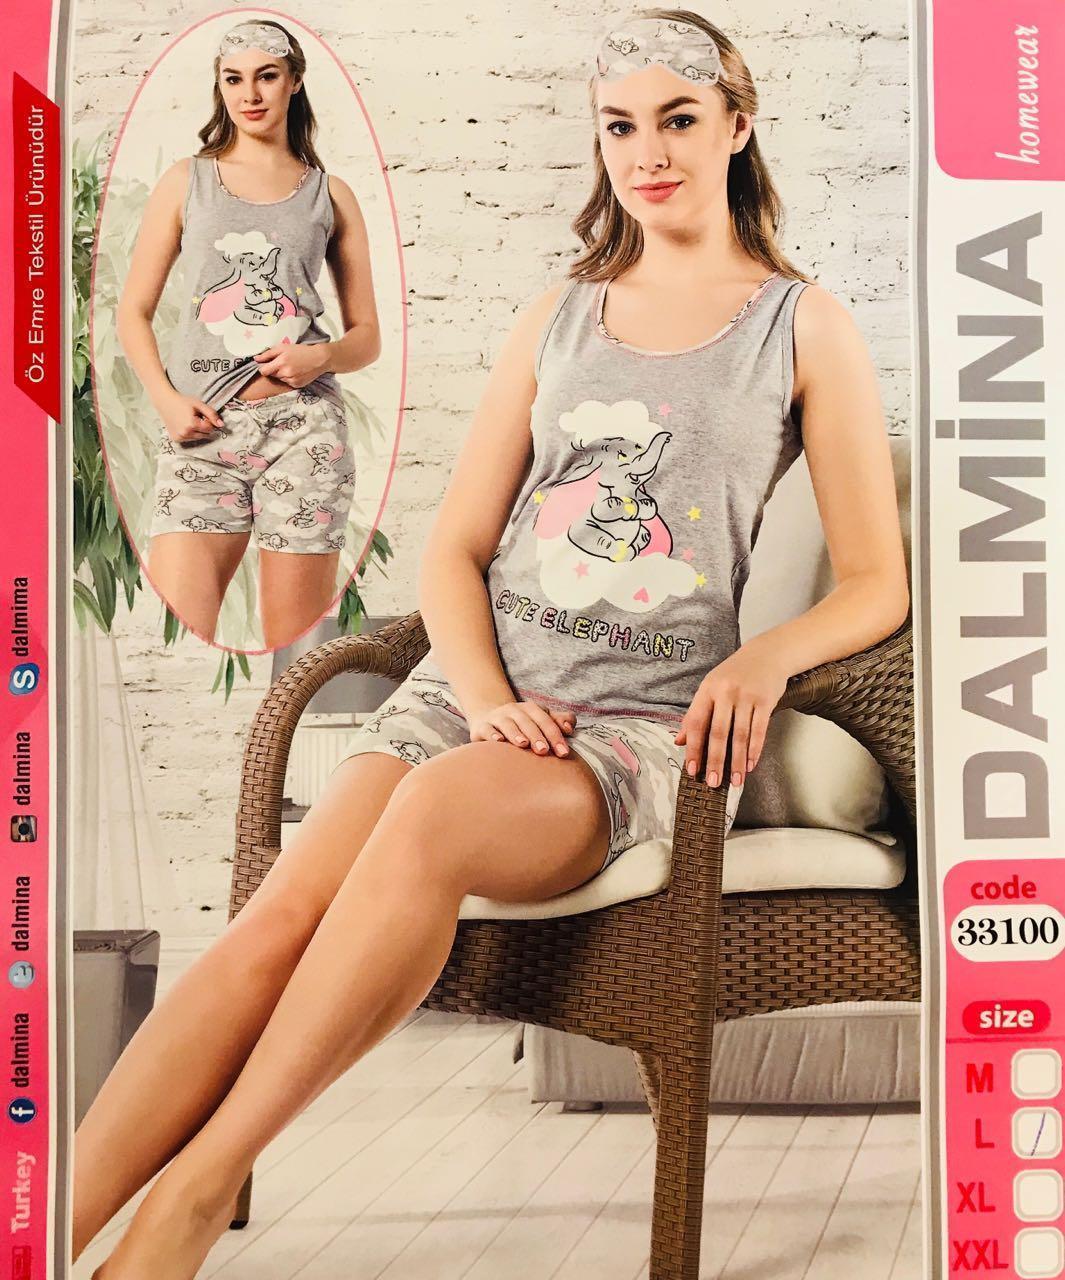 Женская пижама хлопок DALMINA Турция размер XL(50) 33100